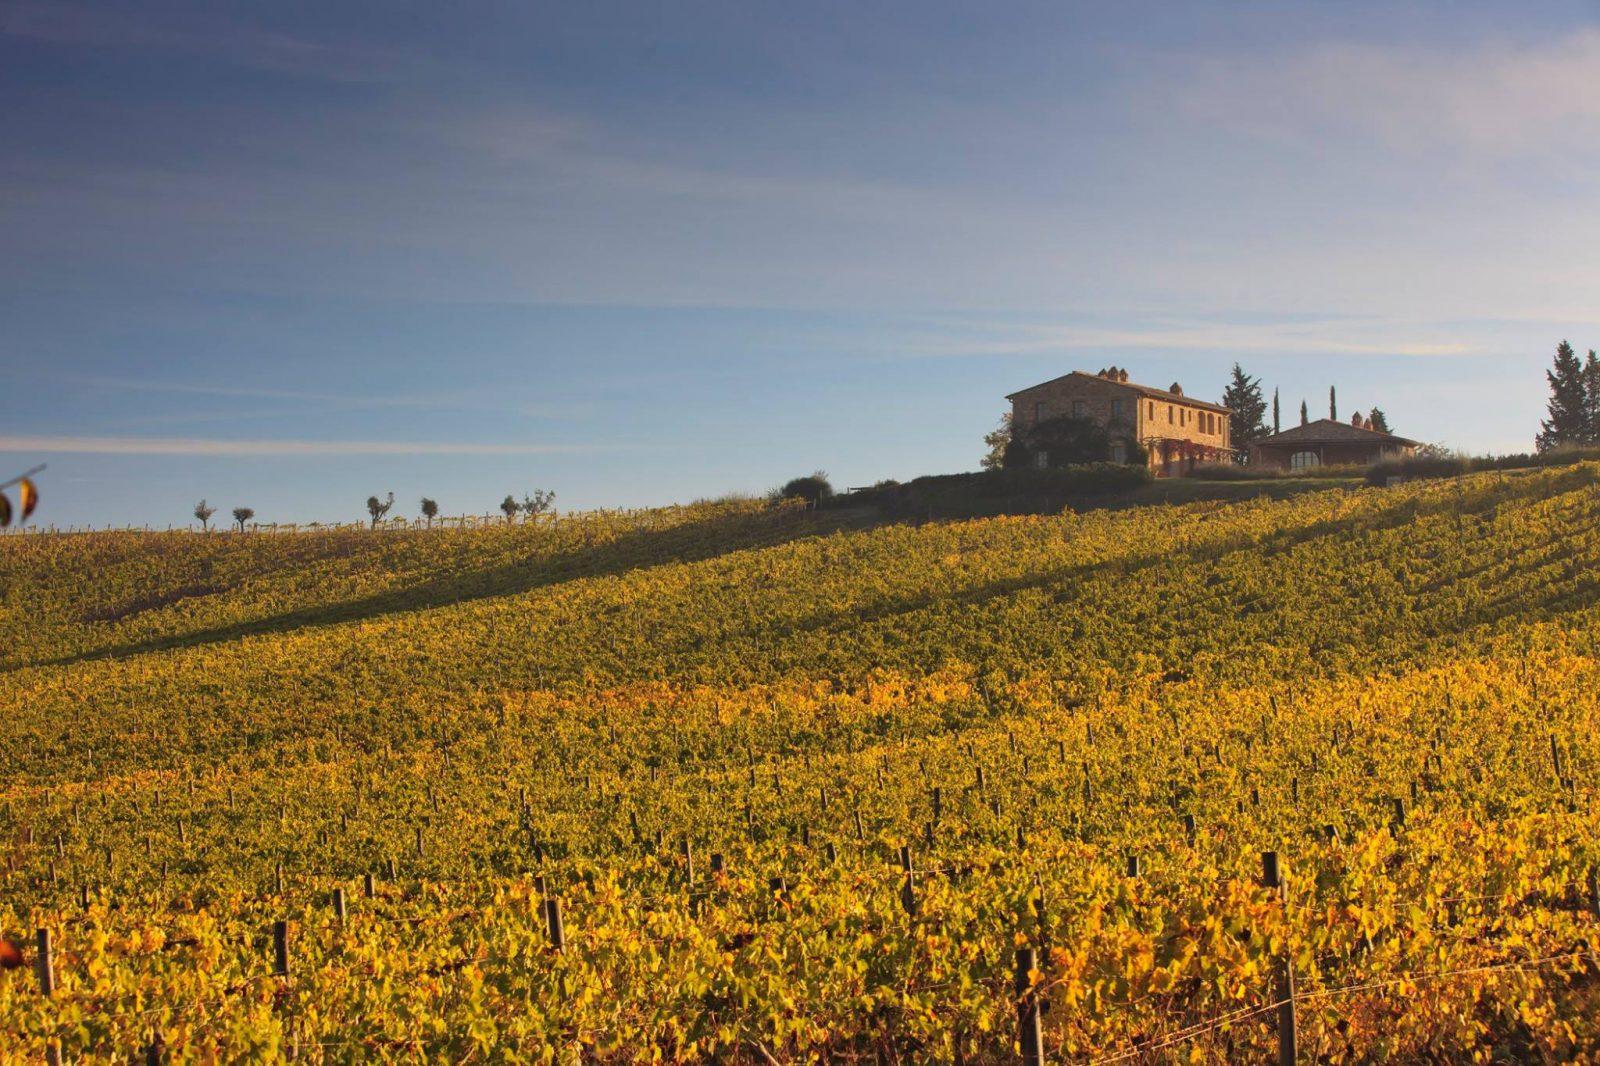 Castiglion del Bosco Tuscany wine harvest